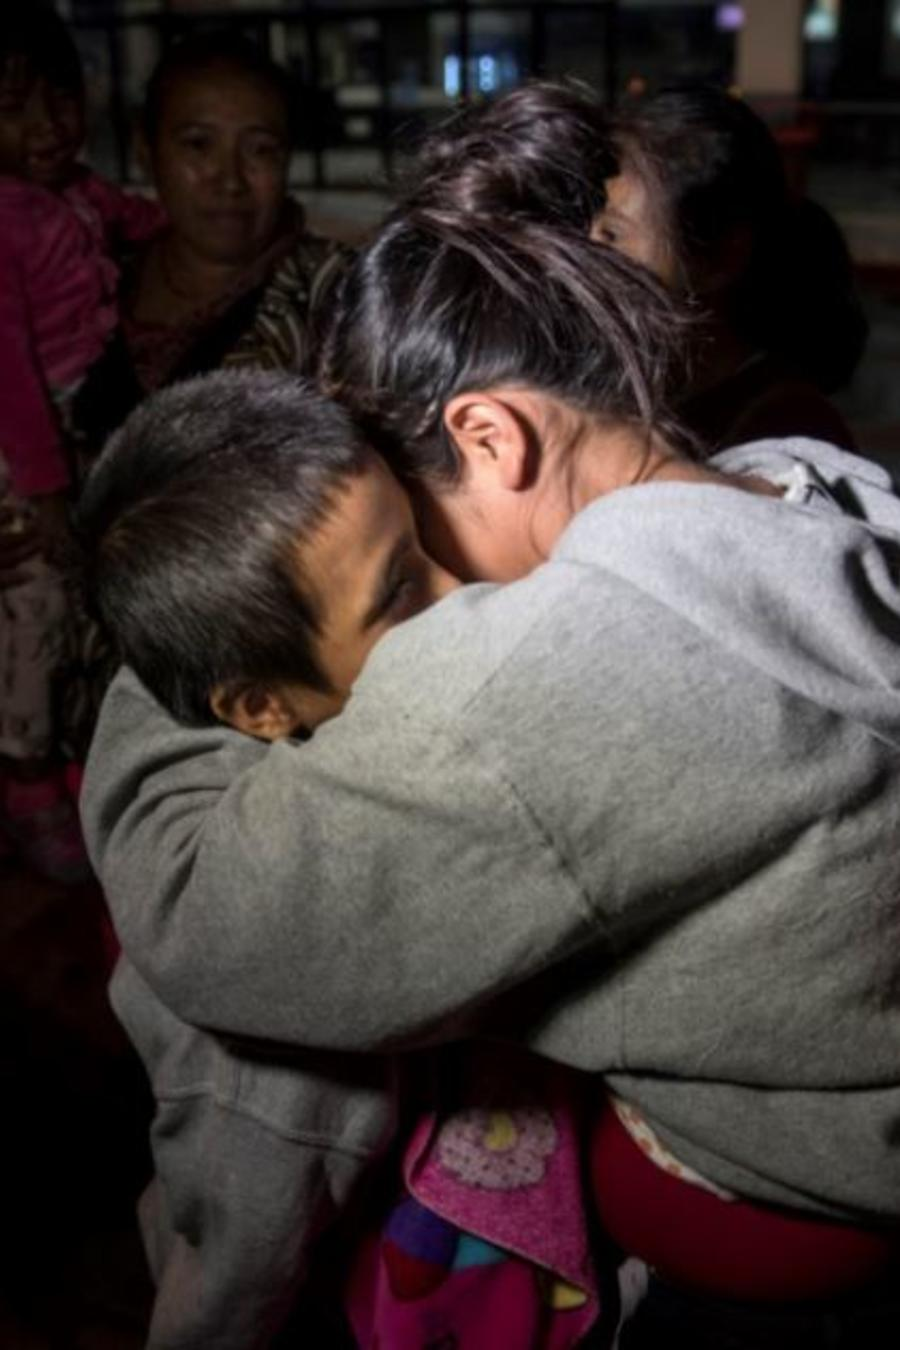 Un menor de 8 años aterriza en Guatemala tras pasar unos meses en un refugio para niños migrantes en EE.UU después de que le separasen de su madre y de que esta fuera deportada.